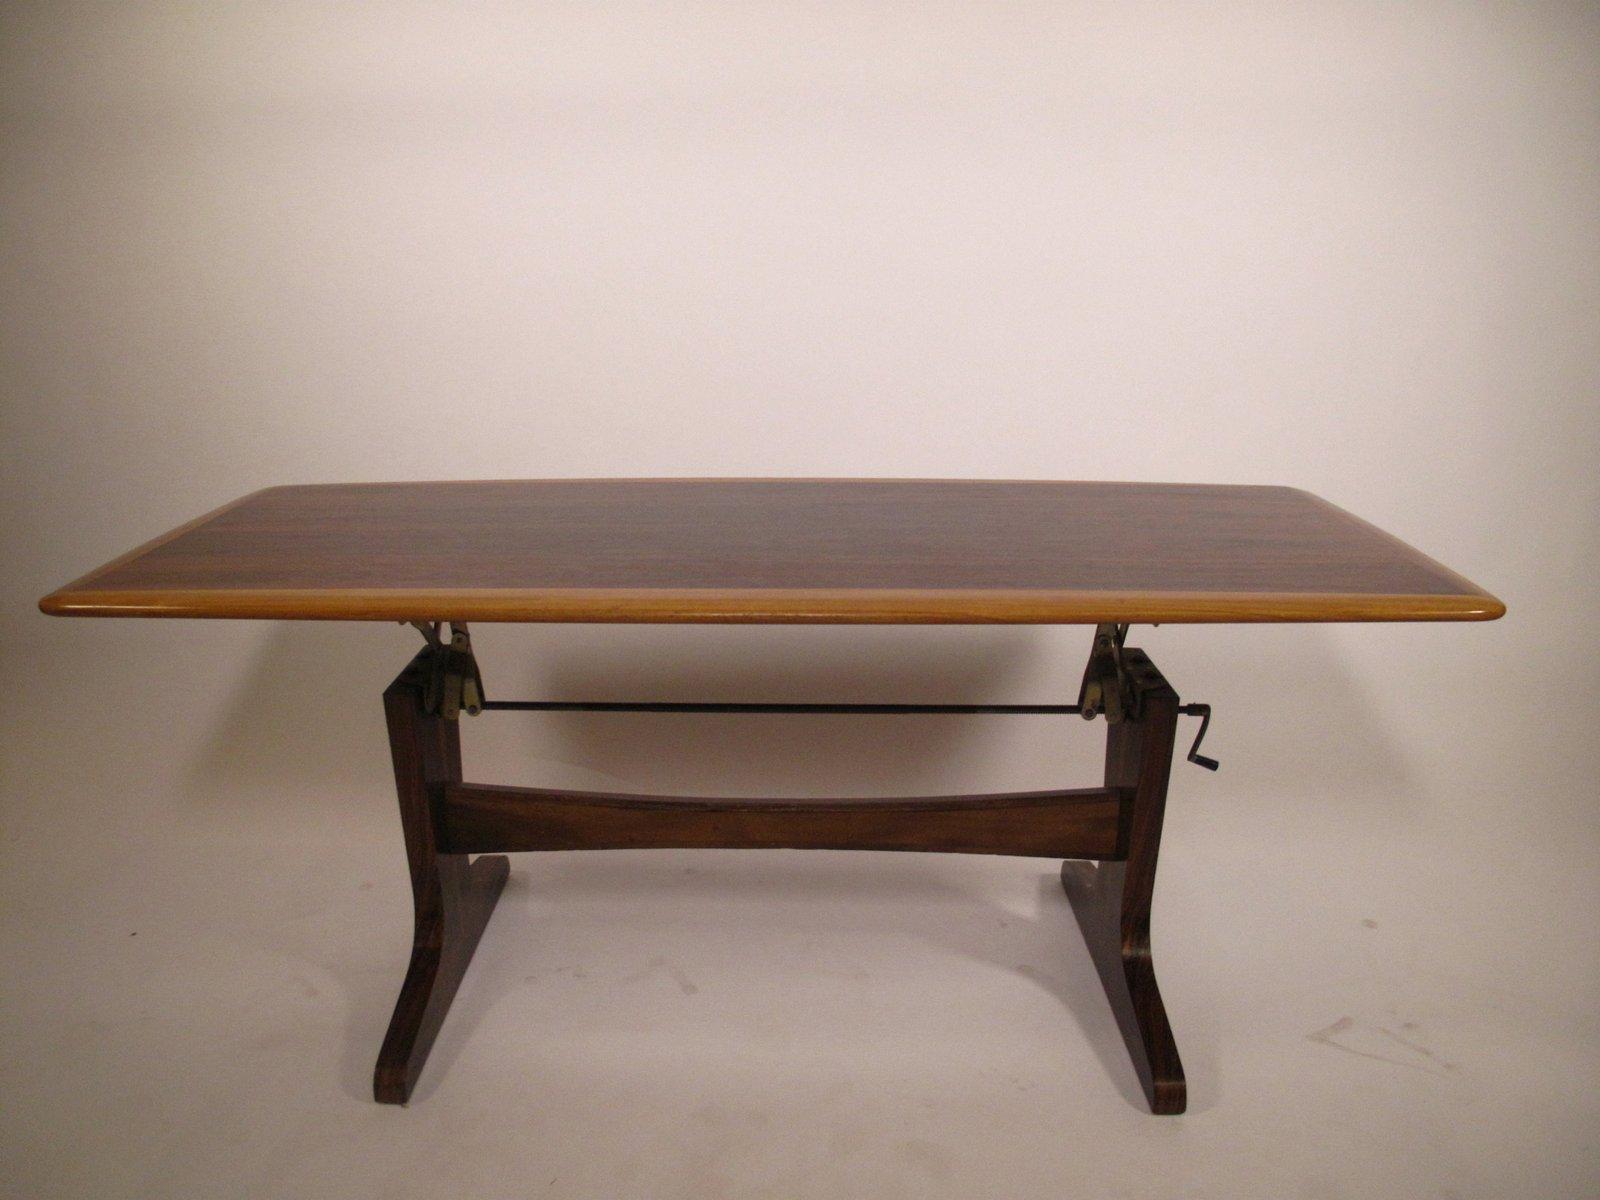 table basse rglable en hauteur 1960s - Table Basse Hauteur Reglable